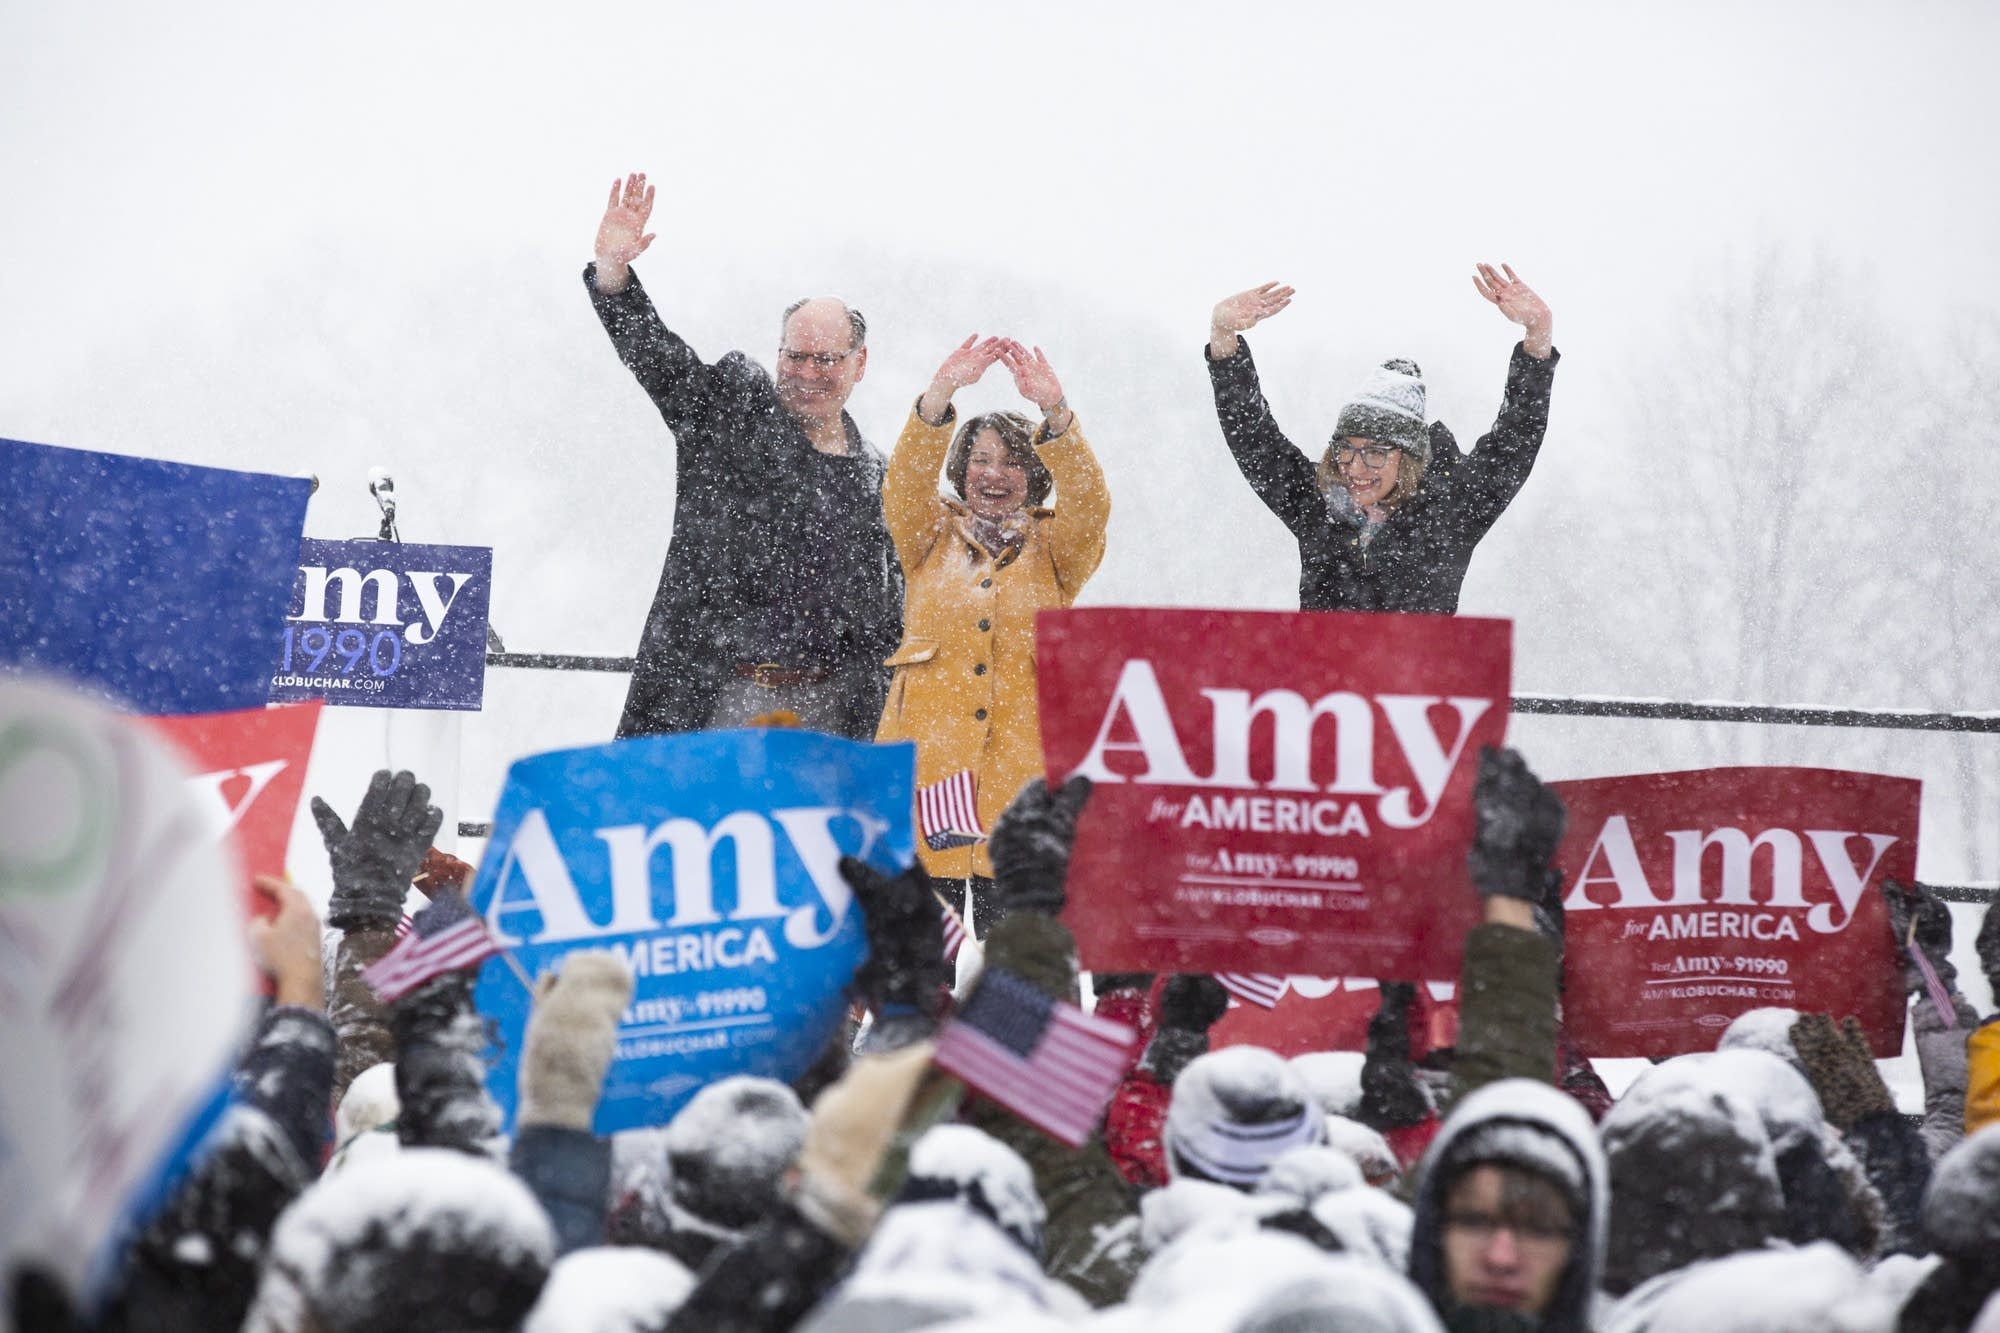 U.S. Sen. Amy Klobuchar, husband, John D. Bessler, Lt. Gov. Peggy Flanagan